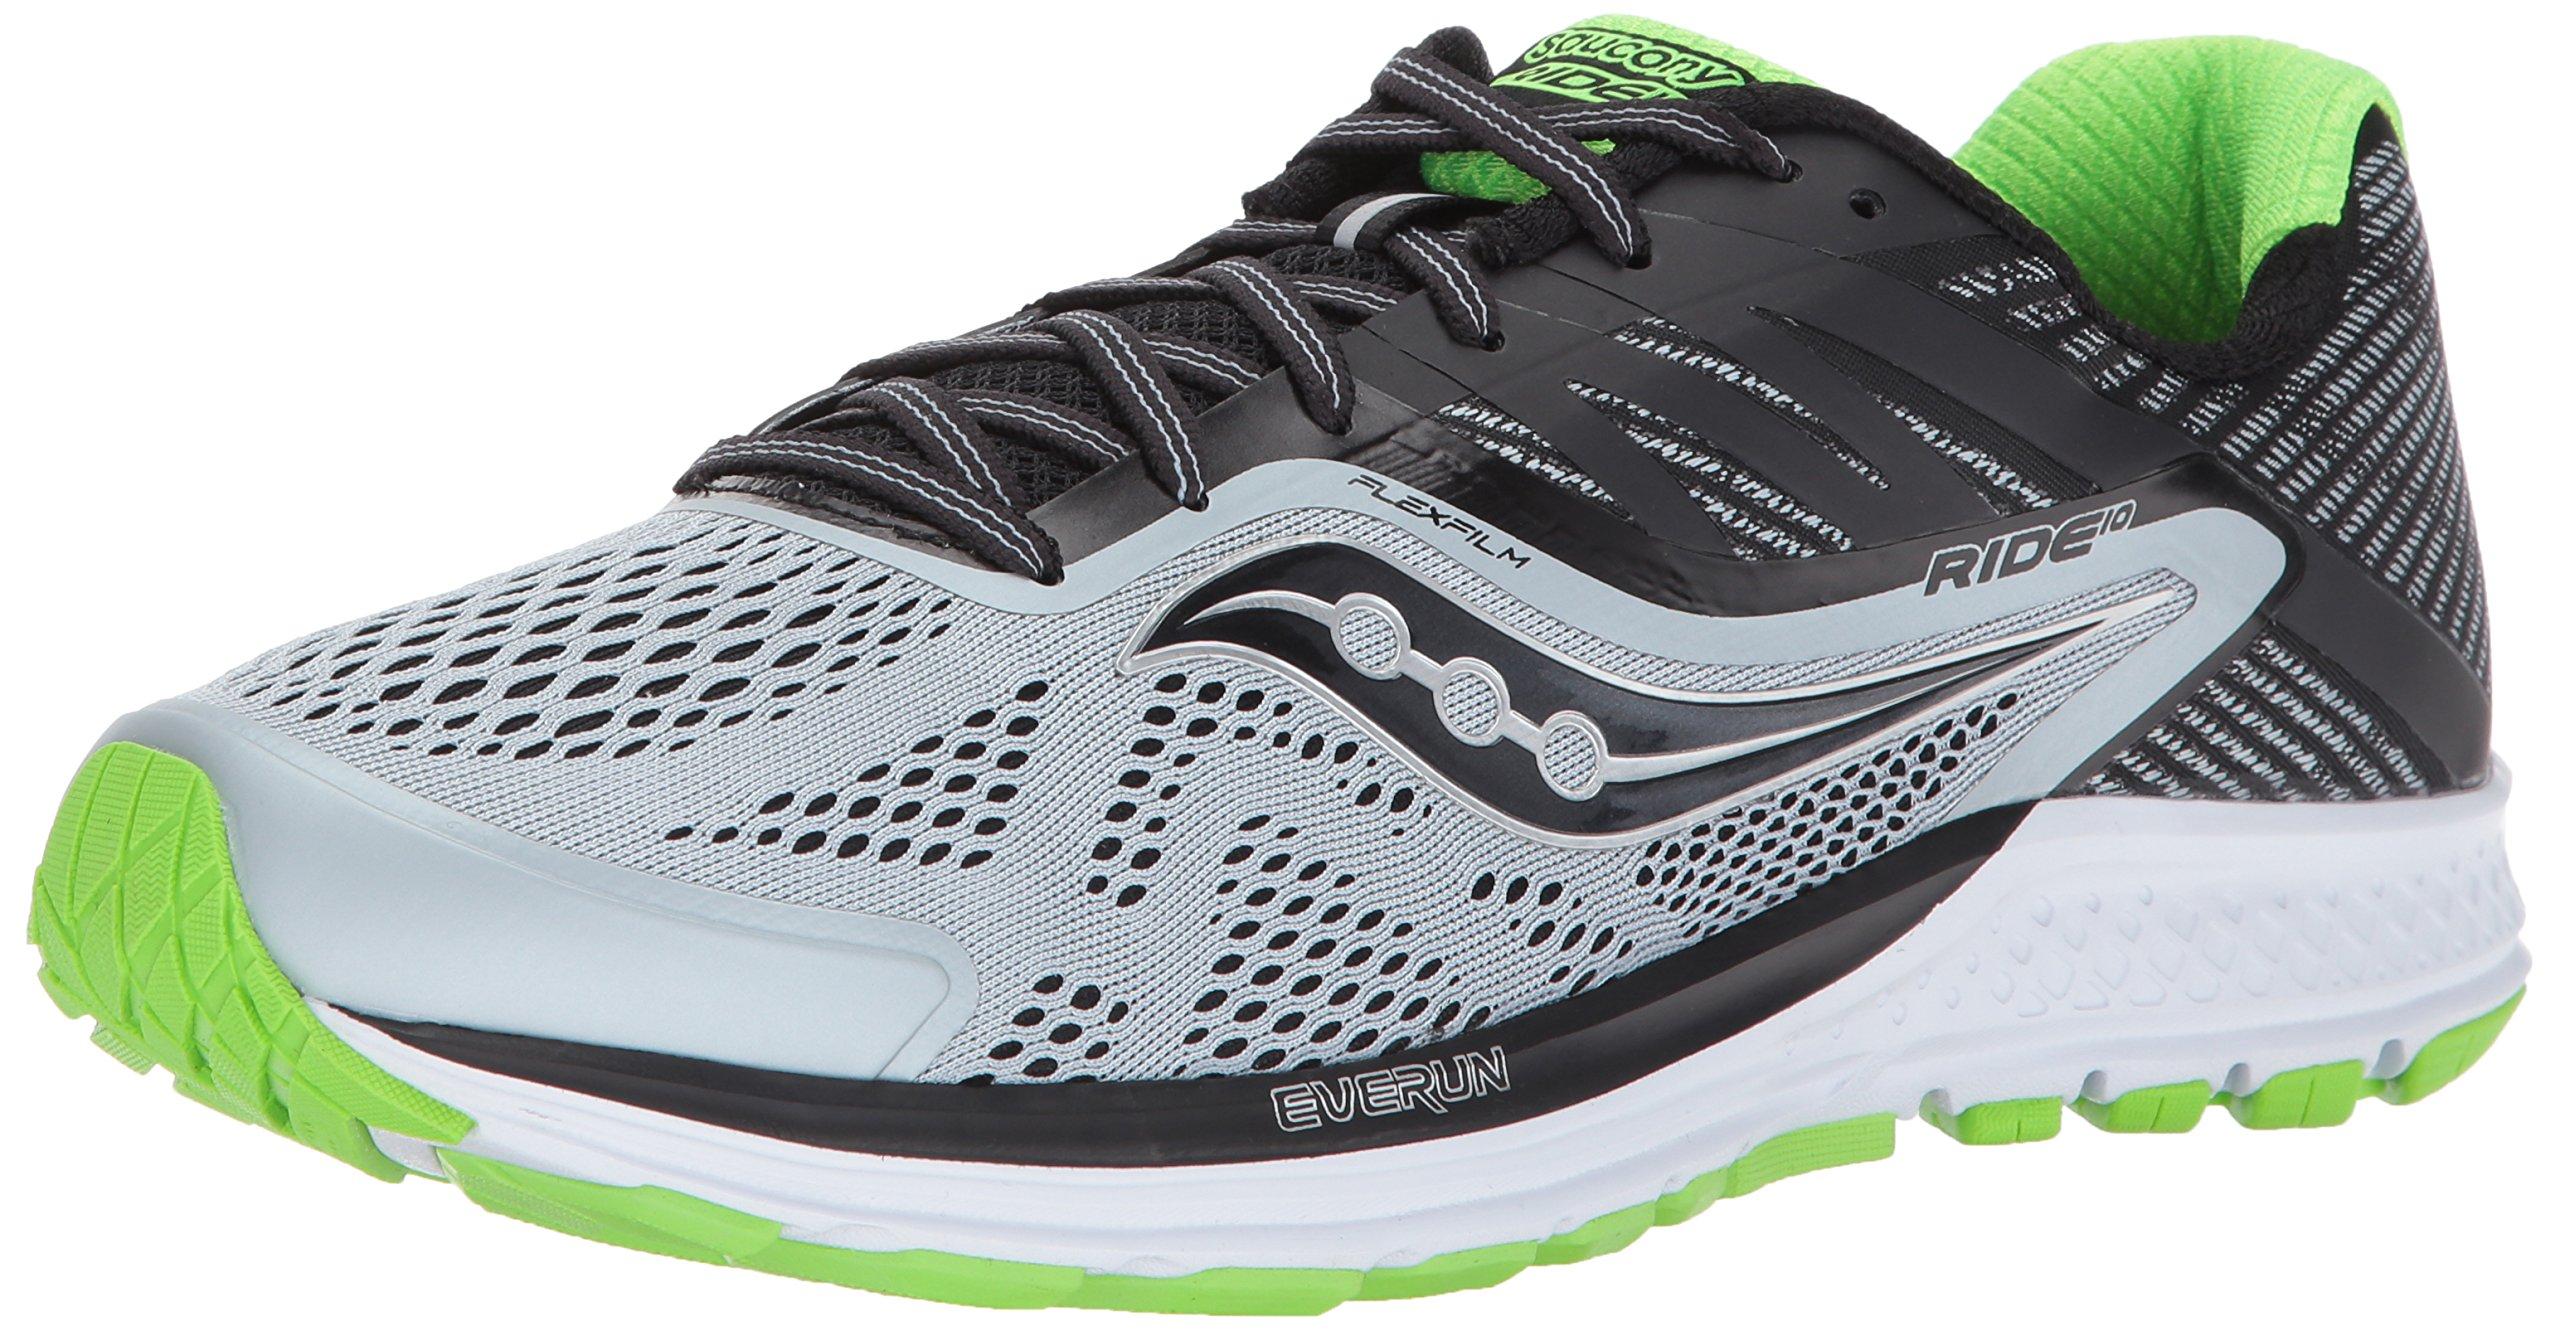 Saucony Men's Ride 10 Running Shoe Grey Black Green 12 M US